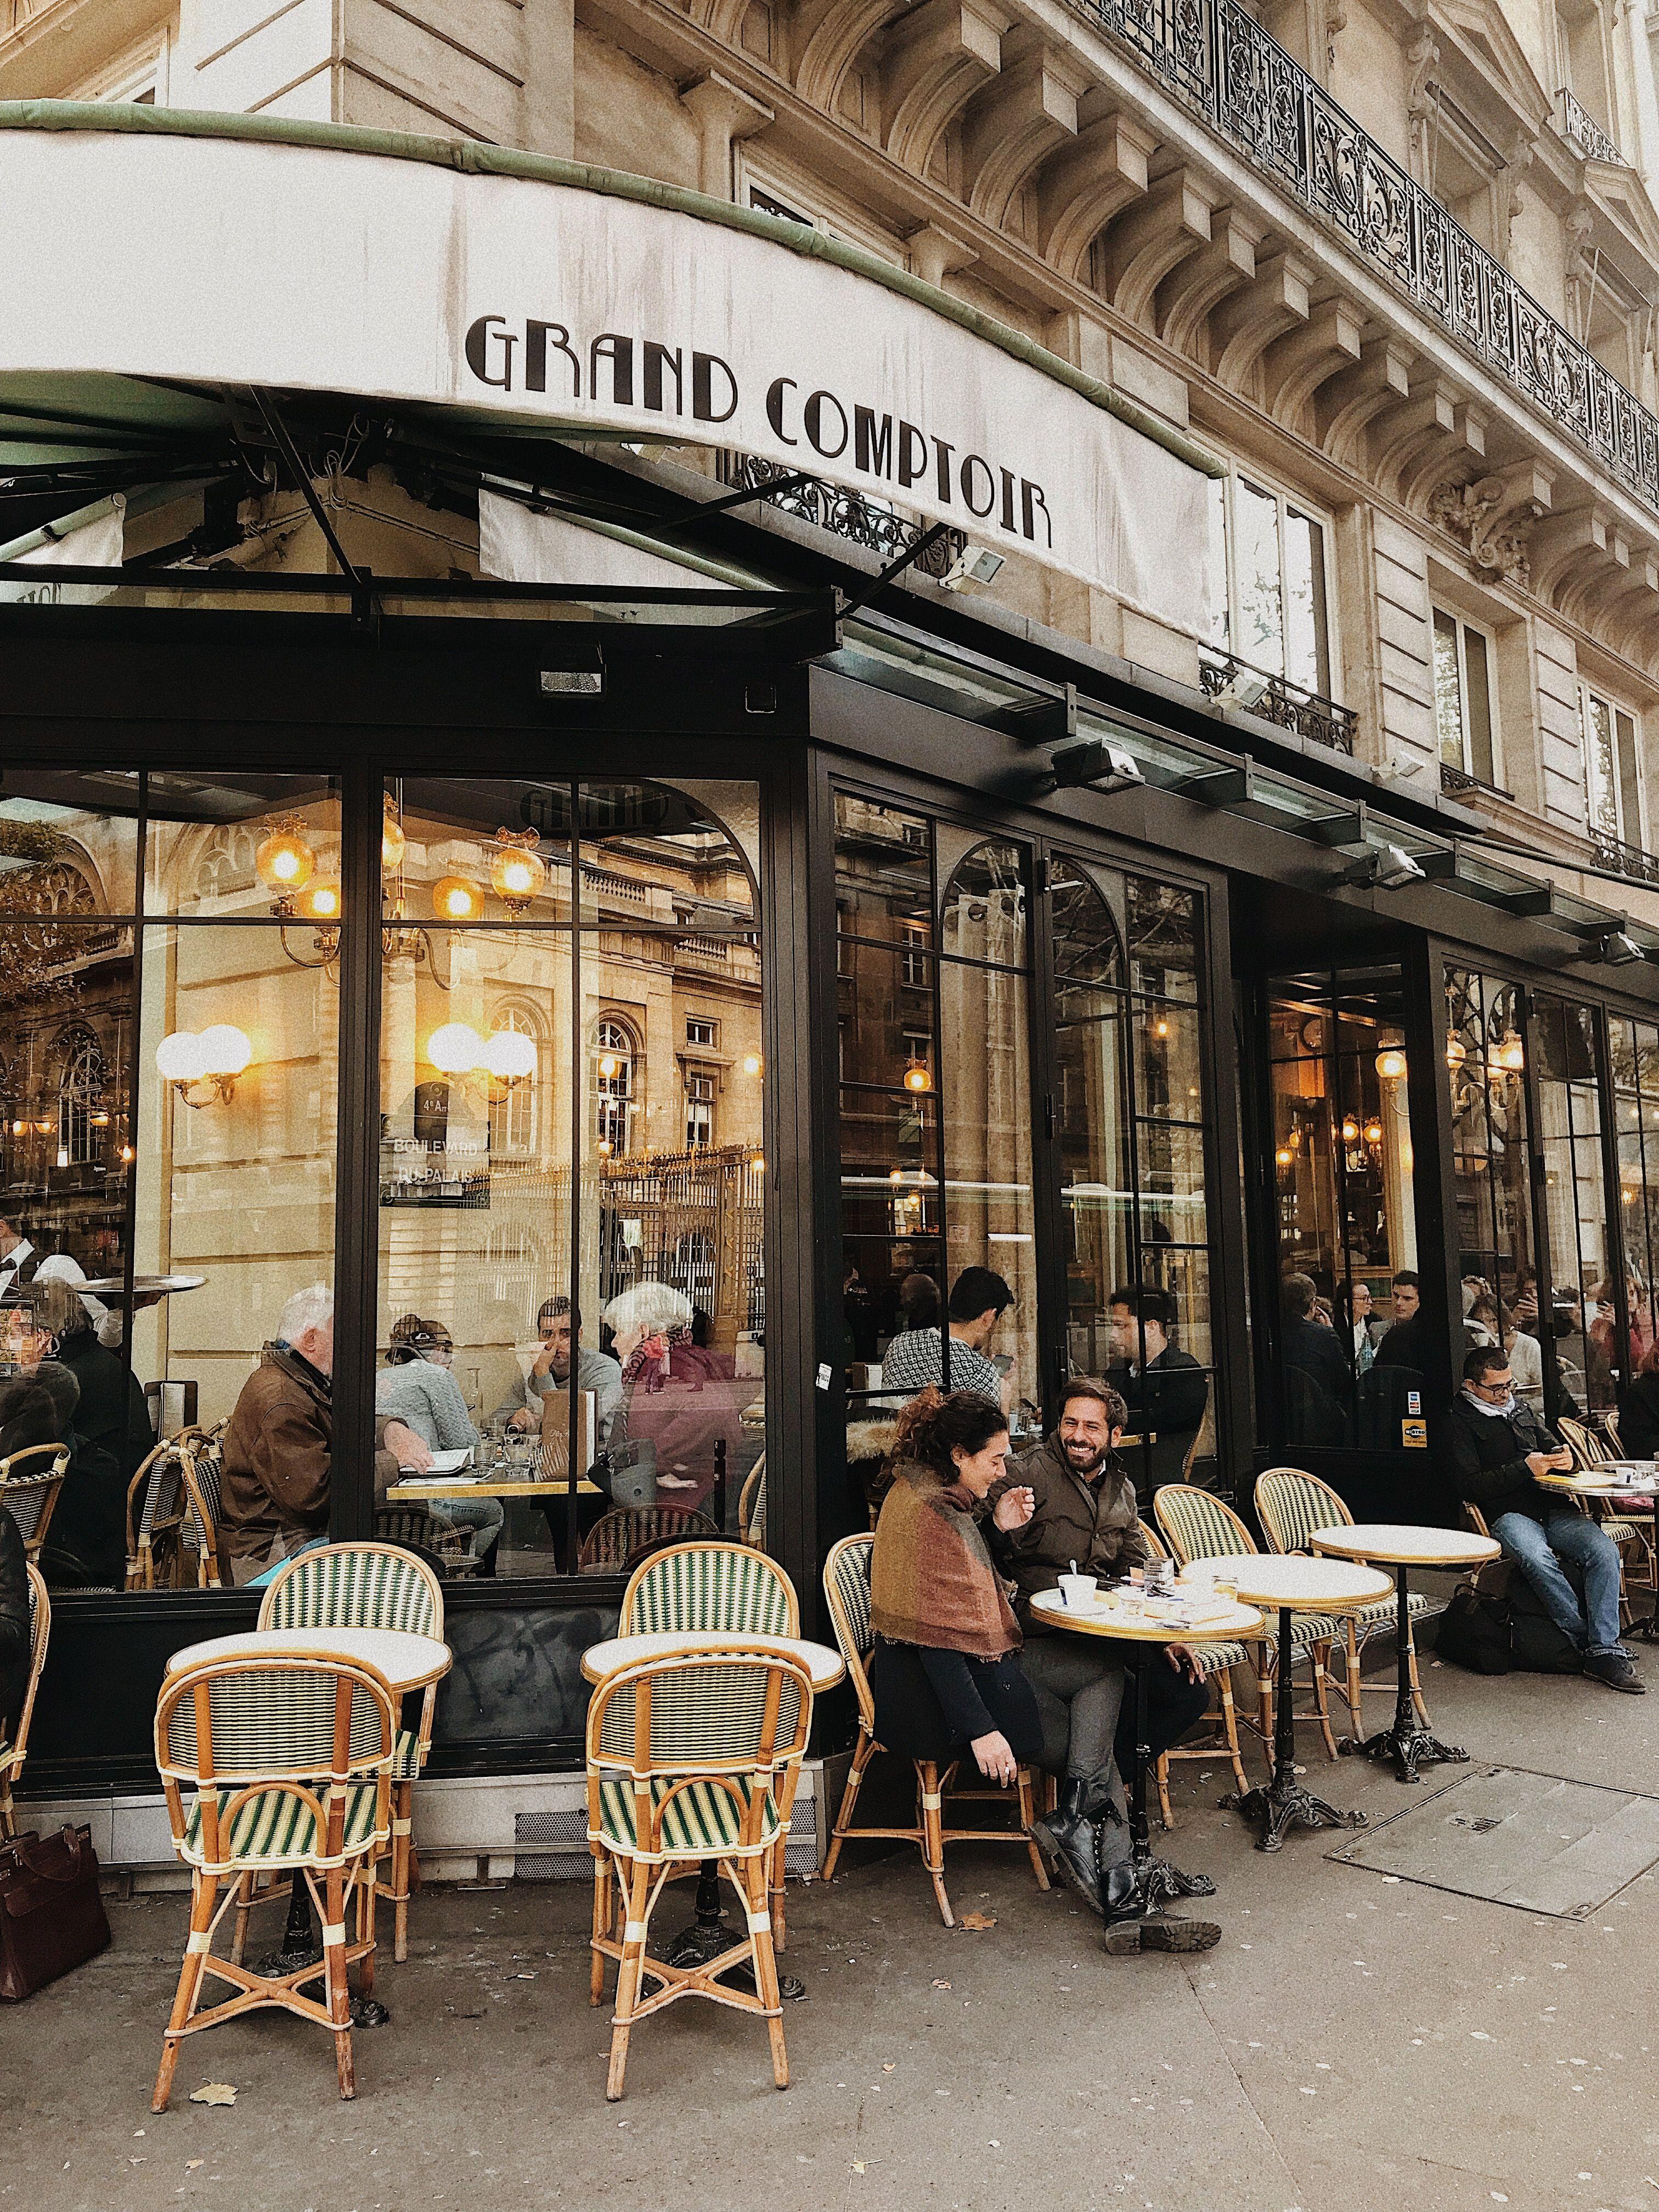 материал уличные кафе парижа фото трассе